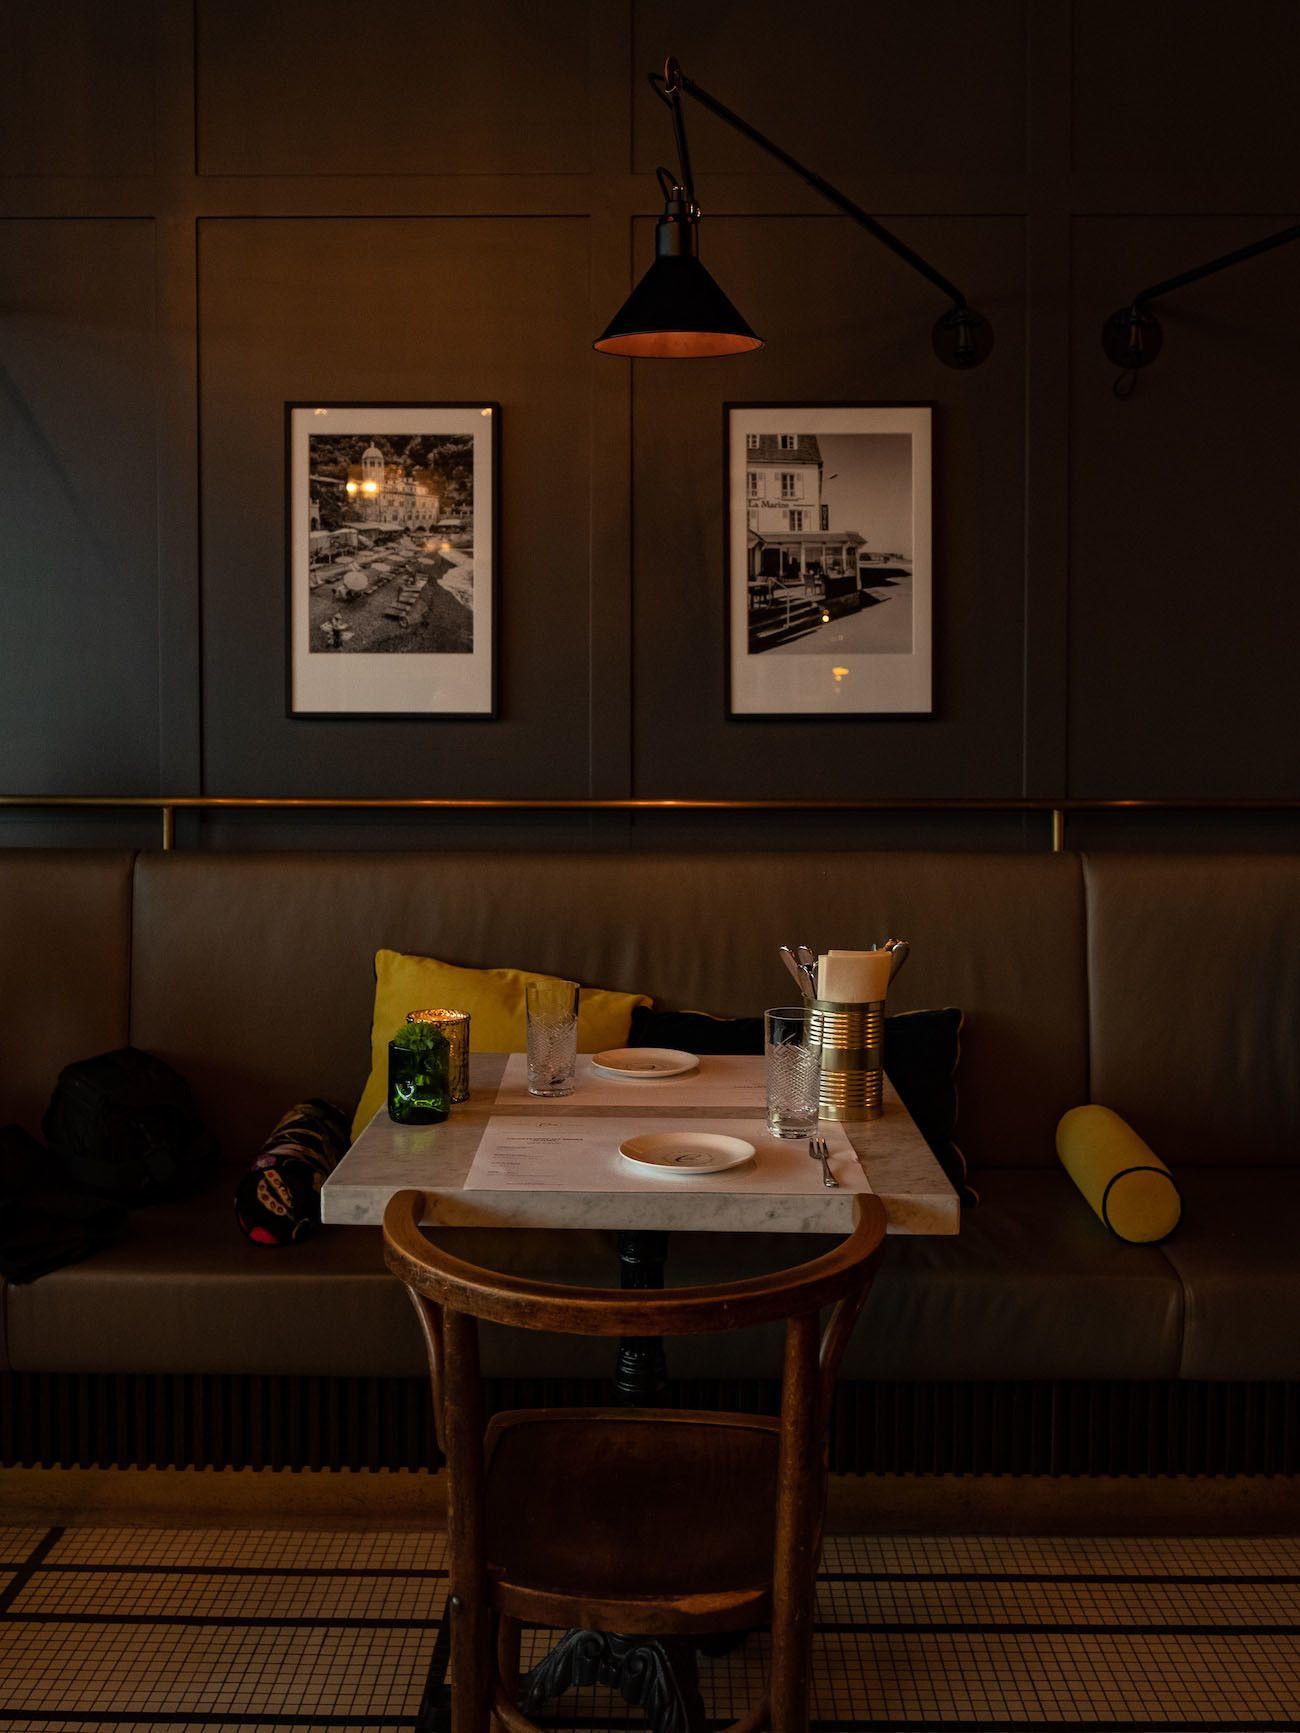 Foodblog, About Fuel, Brasserie Colette Tim Raue, Tisch